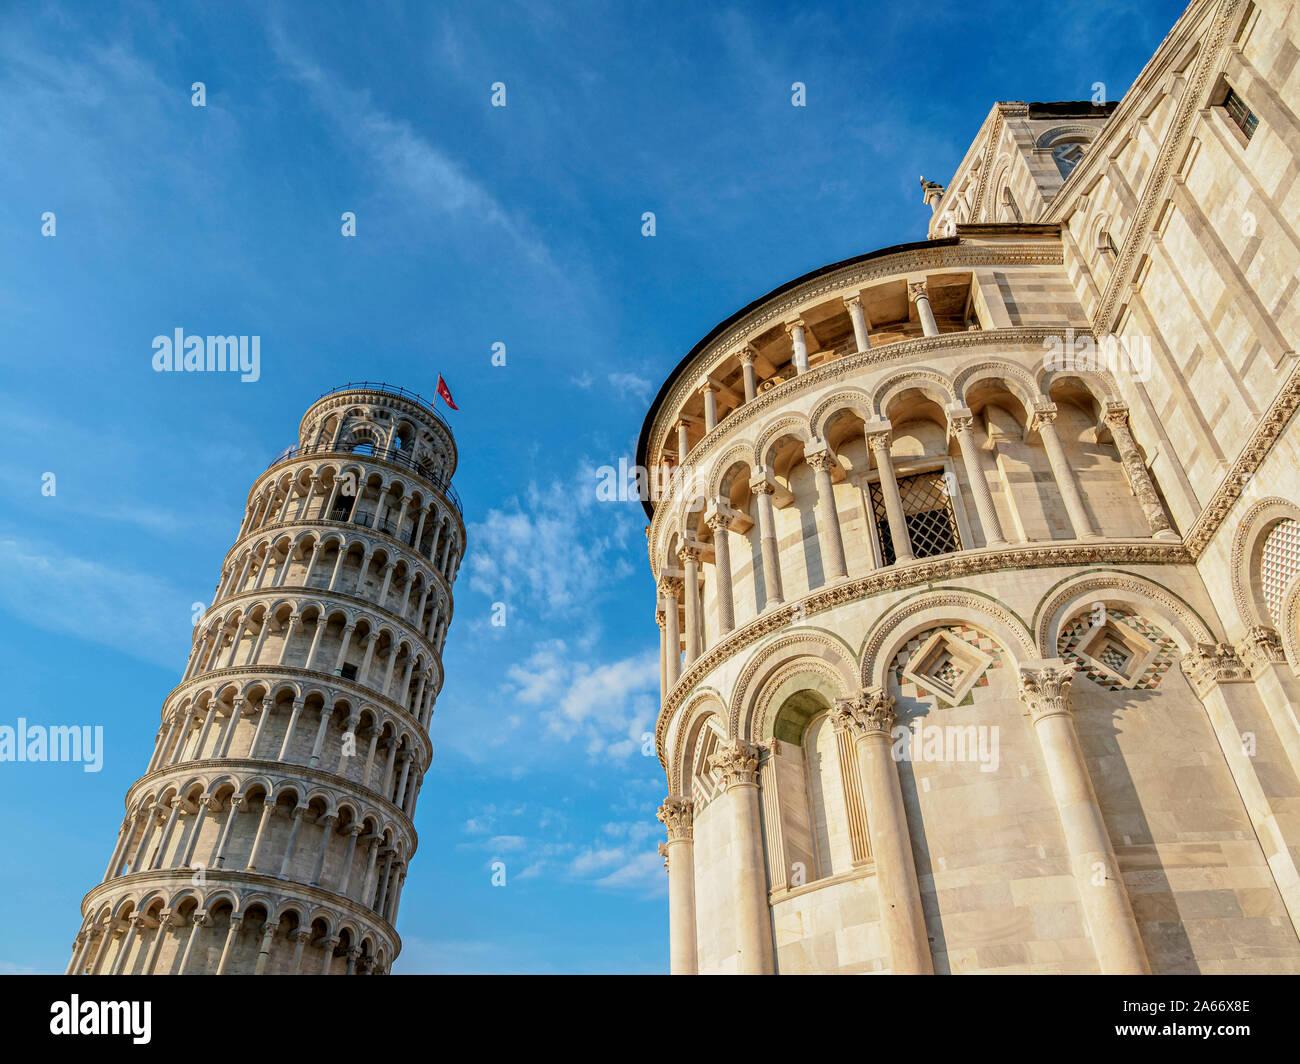 La catedral y la Torre de Pisa, Piazza dei Miracoli, en Pisa, Toscana, Italia Foto de stock